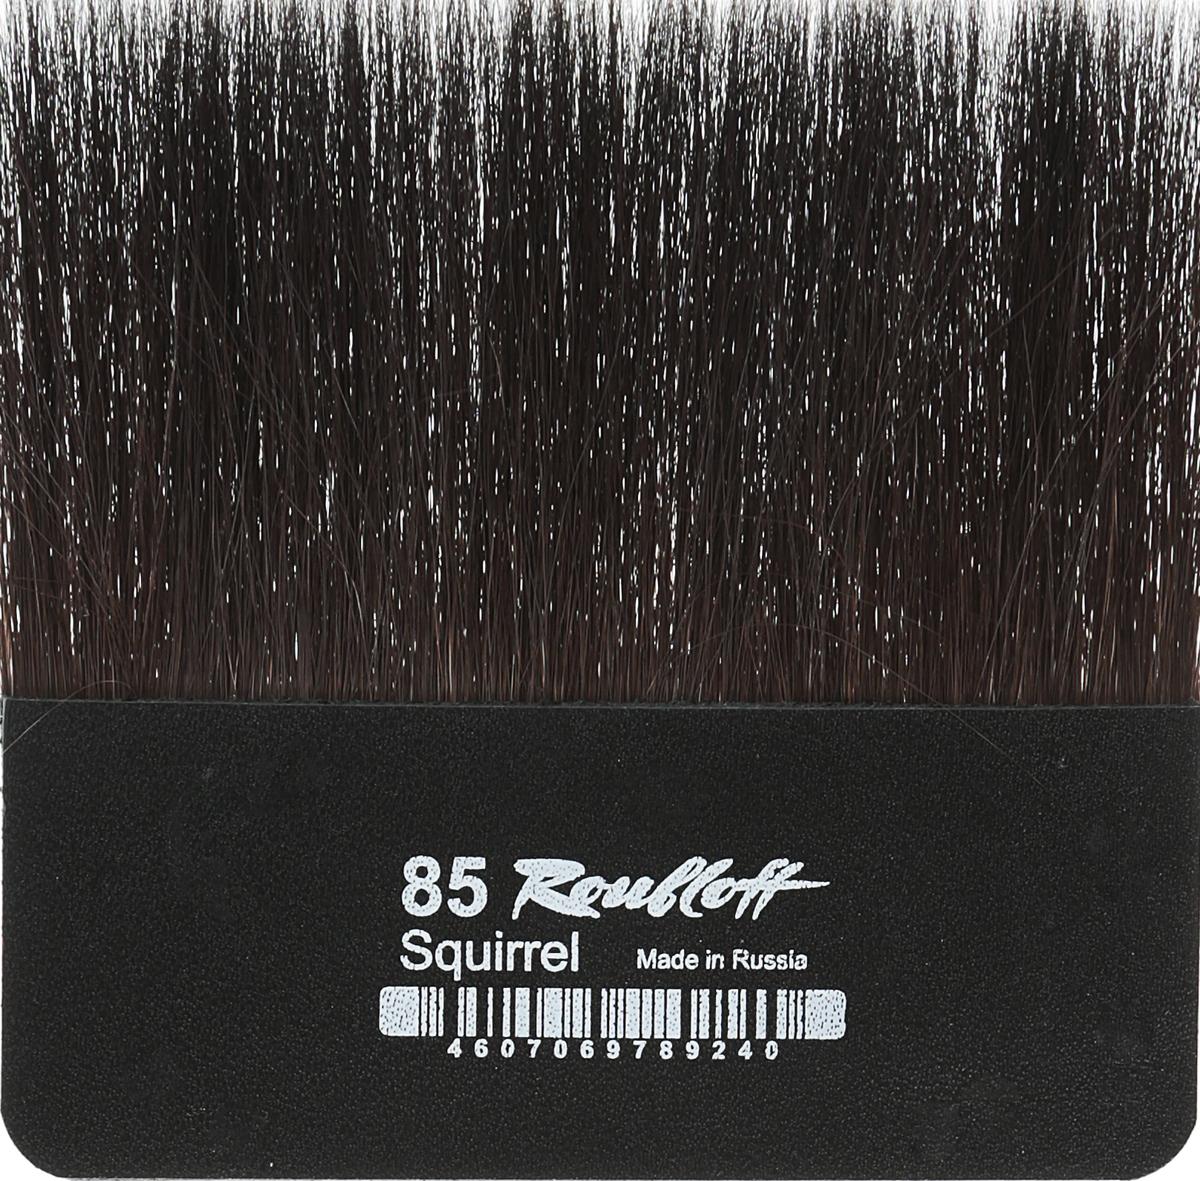 Roubloff Кисть для работы с золотом белка № 85ЖБЛ-85,ШЛампезель - плоская кисть без ручки для работы с сусальным золотом и/или поталью.